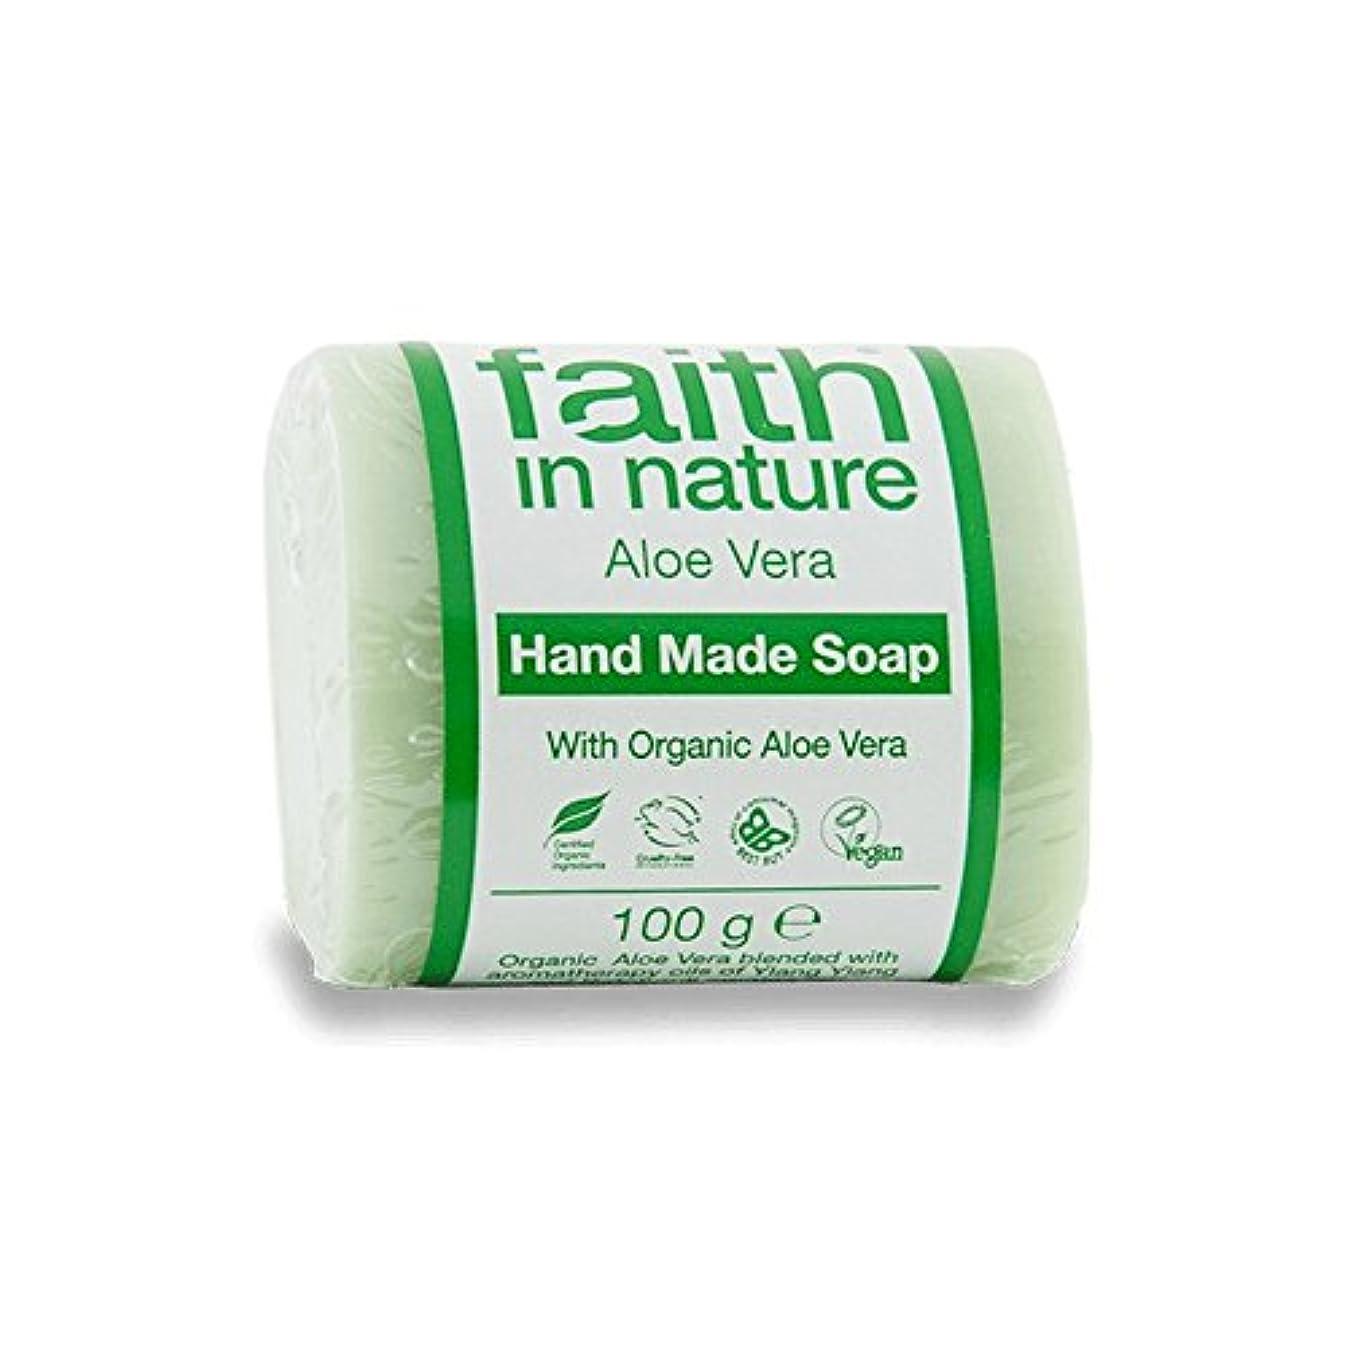 ぬれた暴露したがってFaith in Nature Aloe Vera with Ylang Ylang Soap 100g (Pack of 2) - イランイランソープ100グラムと自然のアロエベラの信仰 (x2) [並行輸入品]